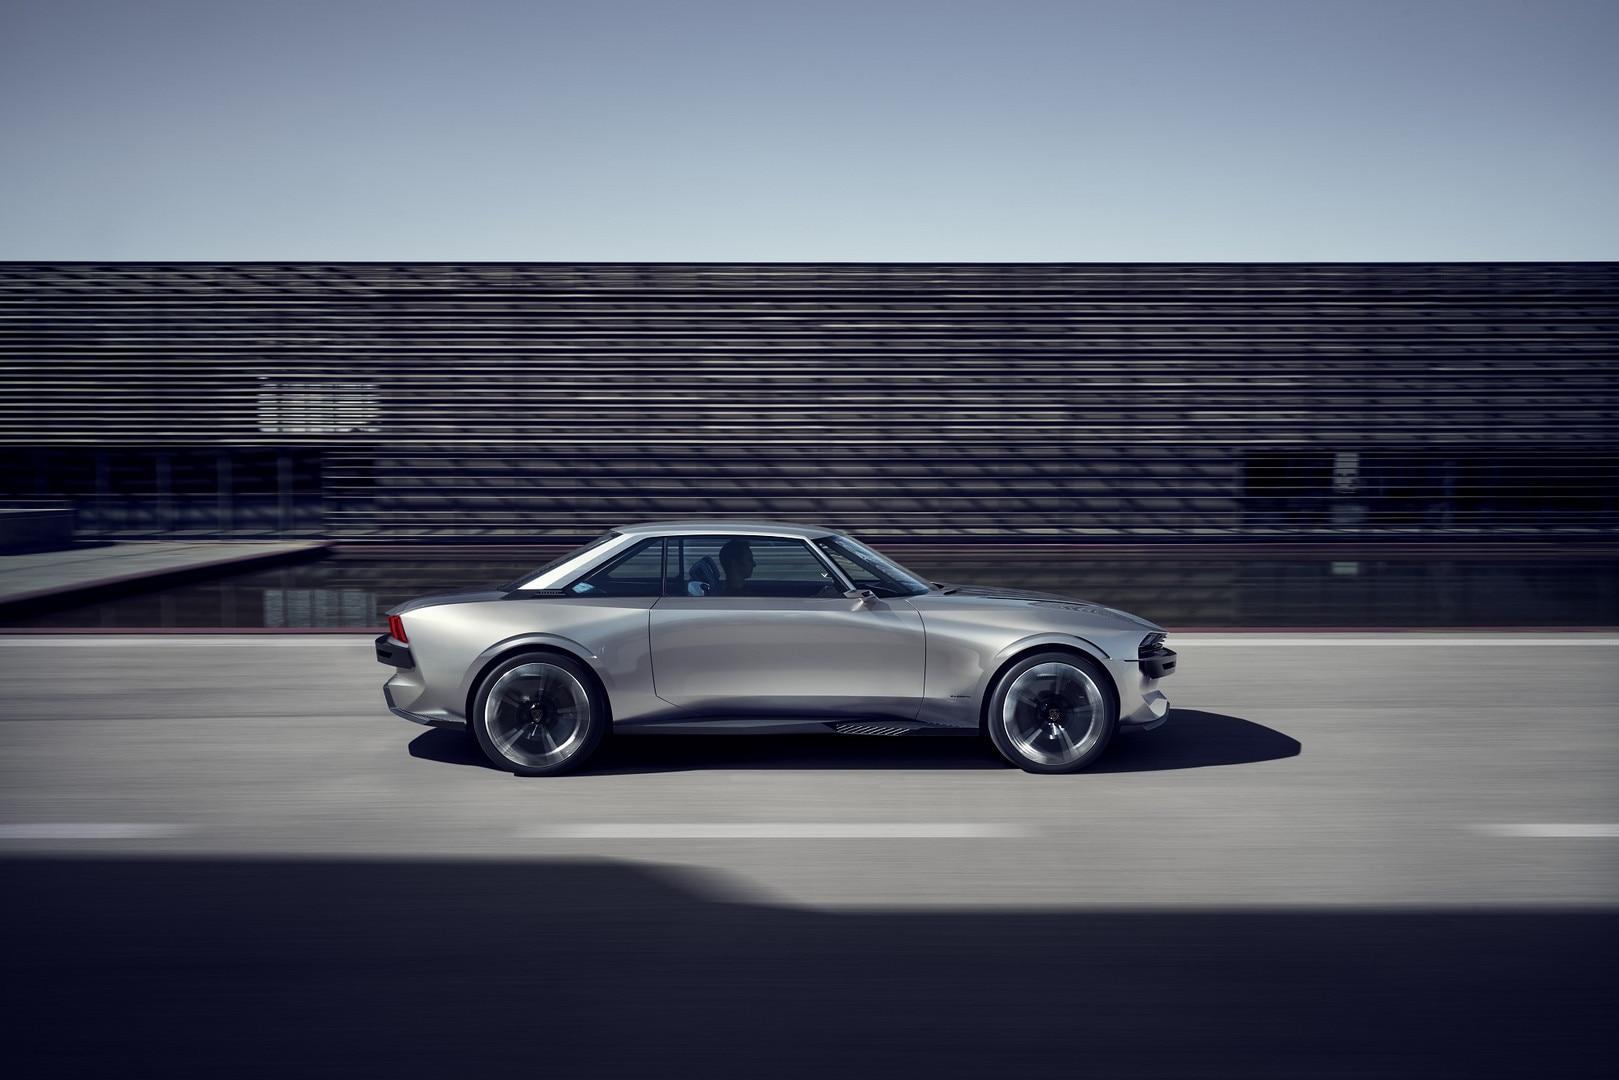 Foto E Video Della Peugeot E Legend Concept